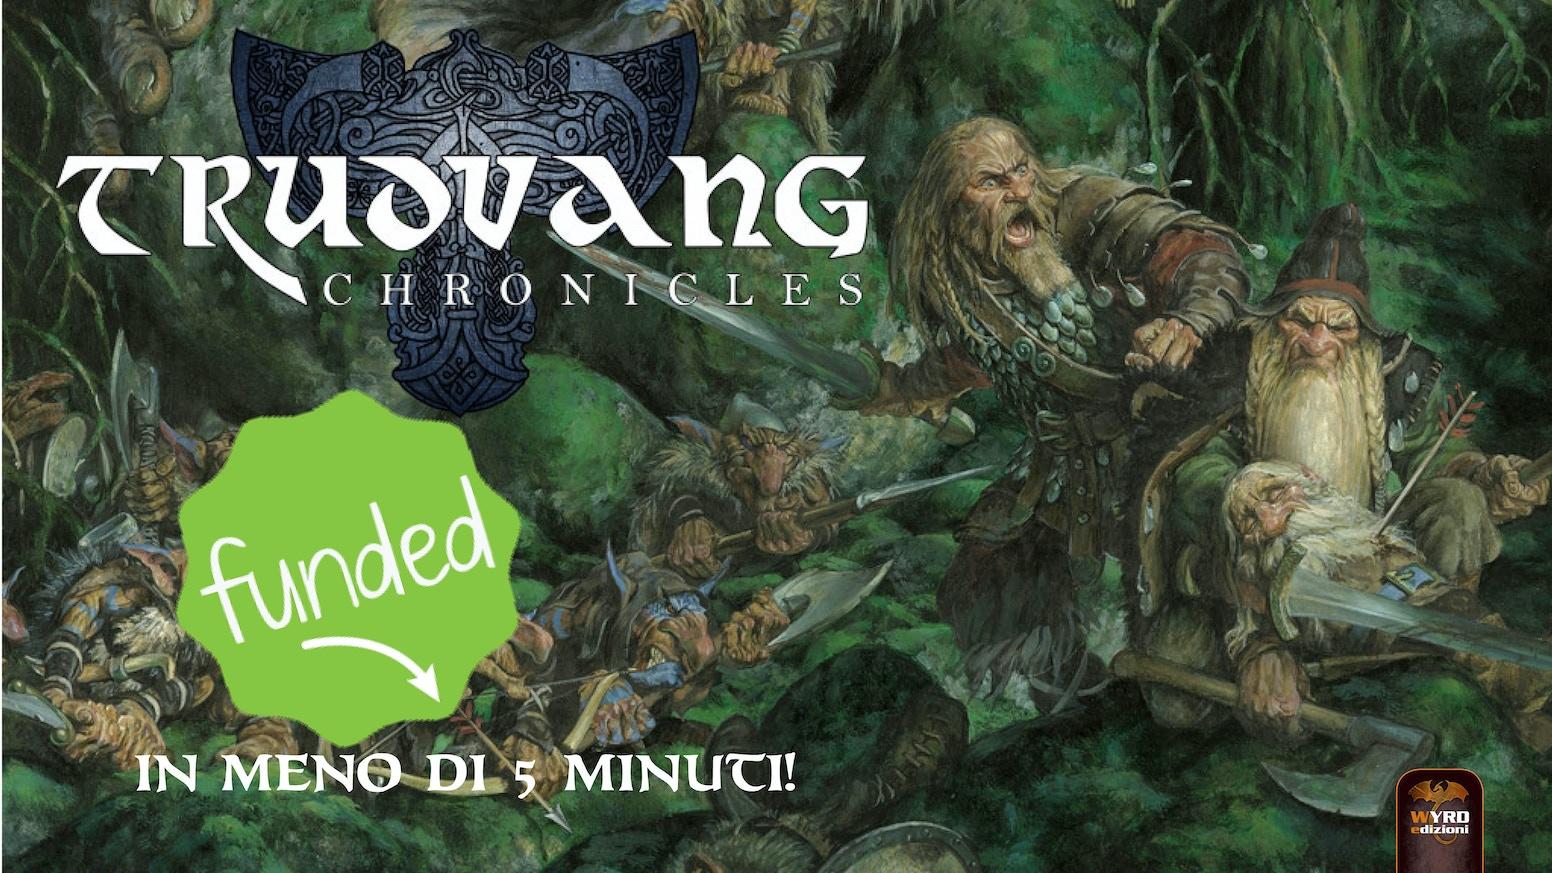 Ispiratevi alle terre e alle leggende norrene e tuffatevi nel mondo fantastico di Trudvang Chronicles insieme a noi.